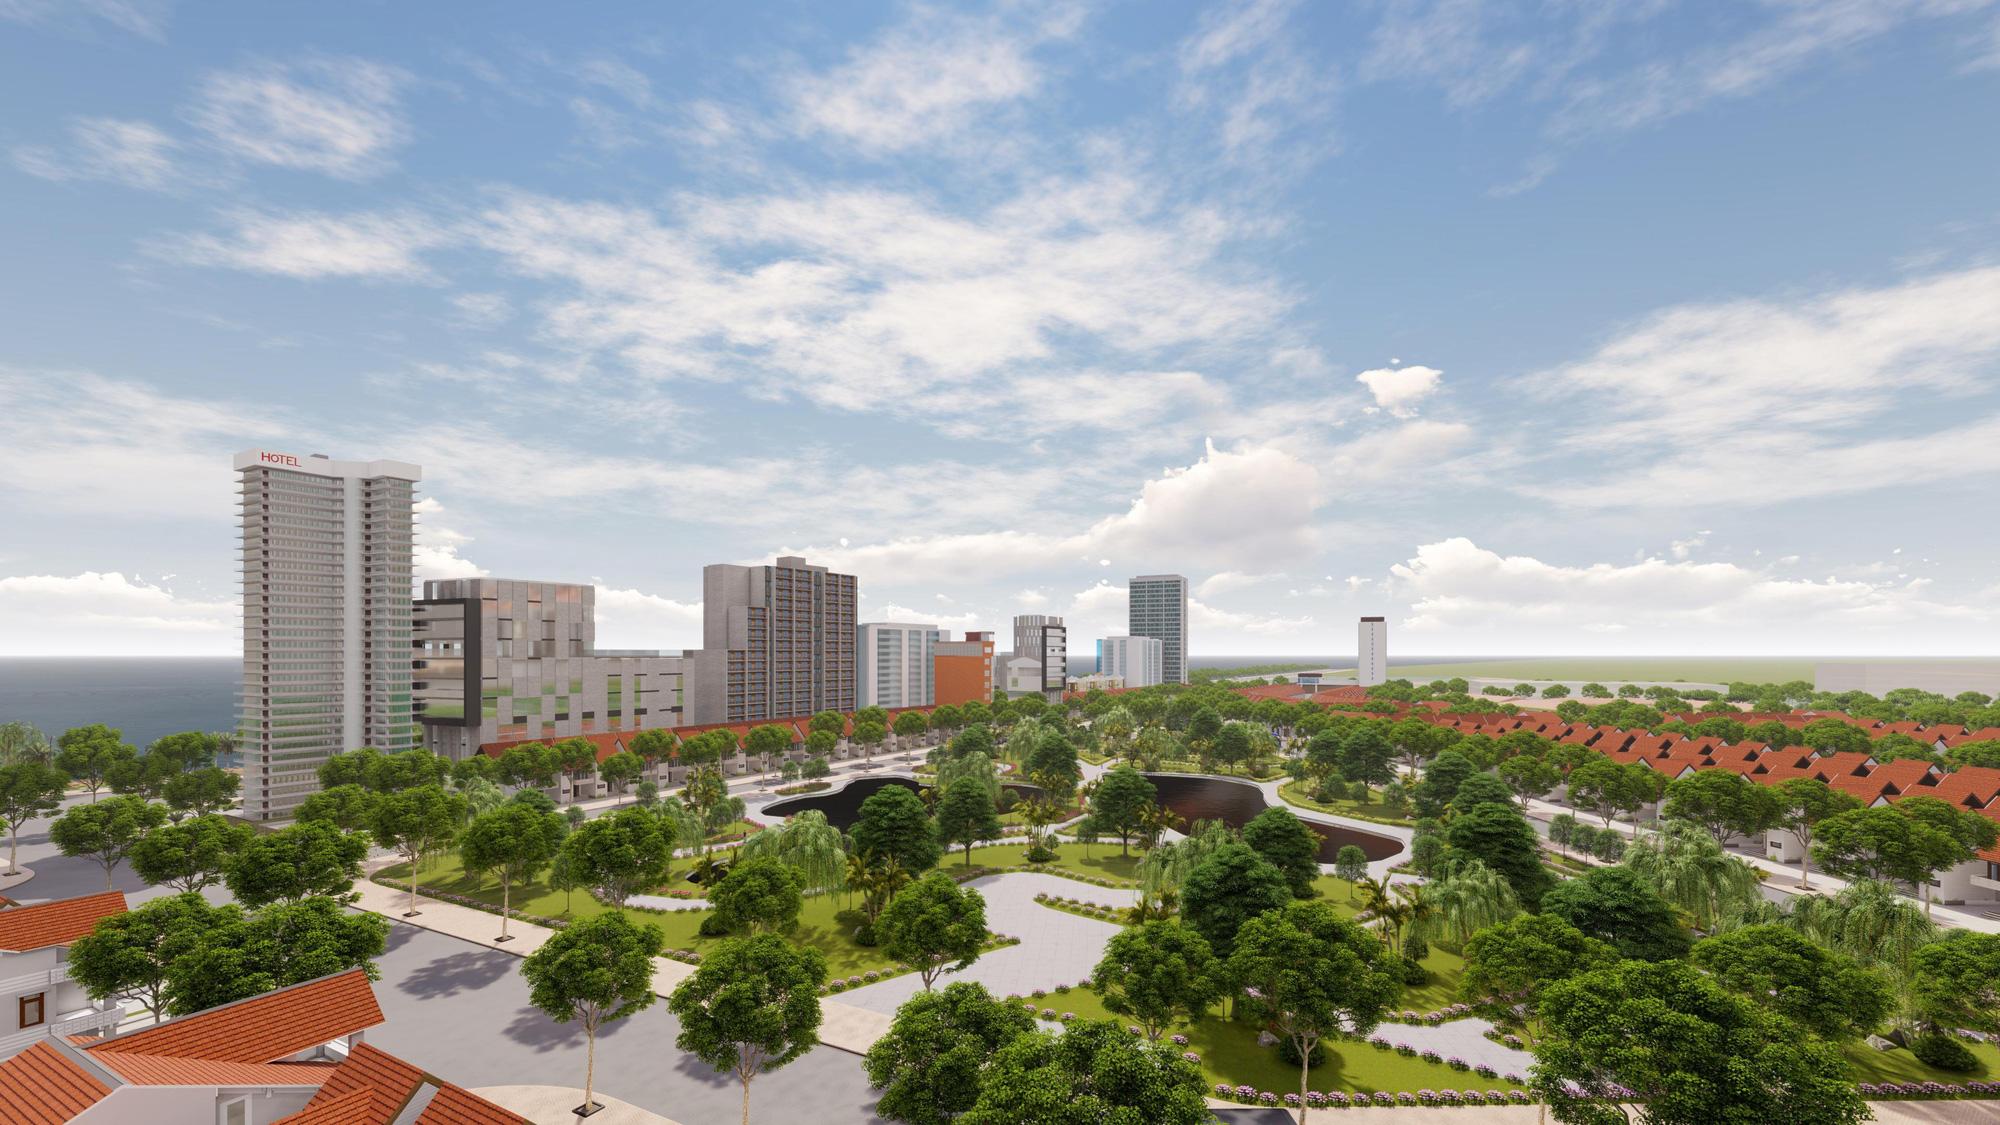 Tập đoàn FVG chính thức ra mắt nhà đầu tư dự án Vịnh An Hòa - Ảnh 6.